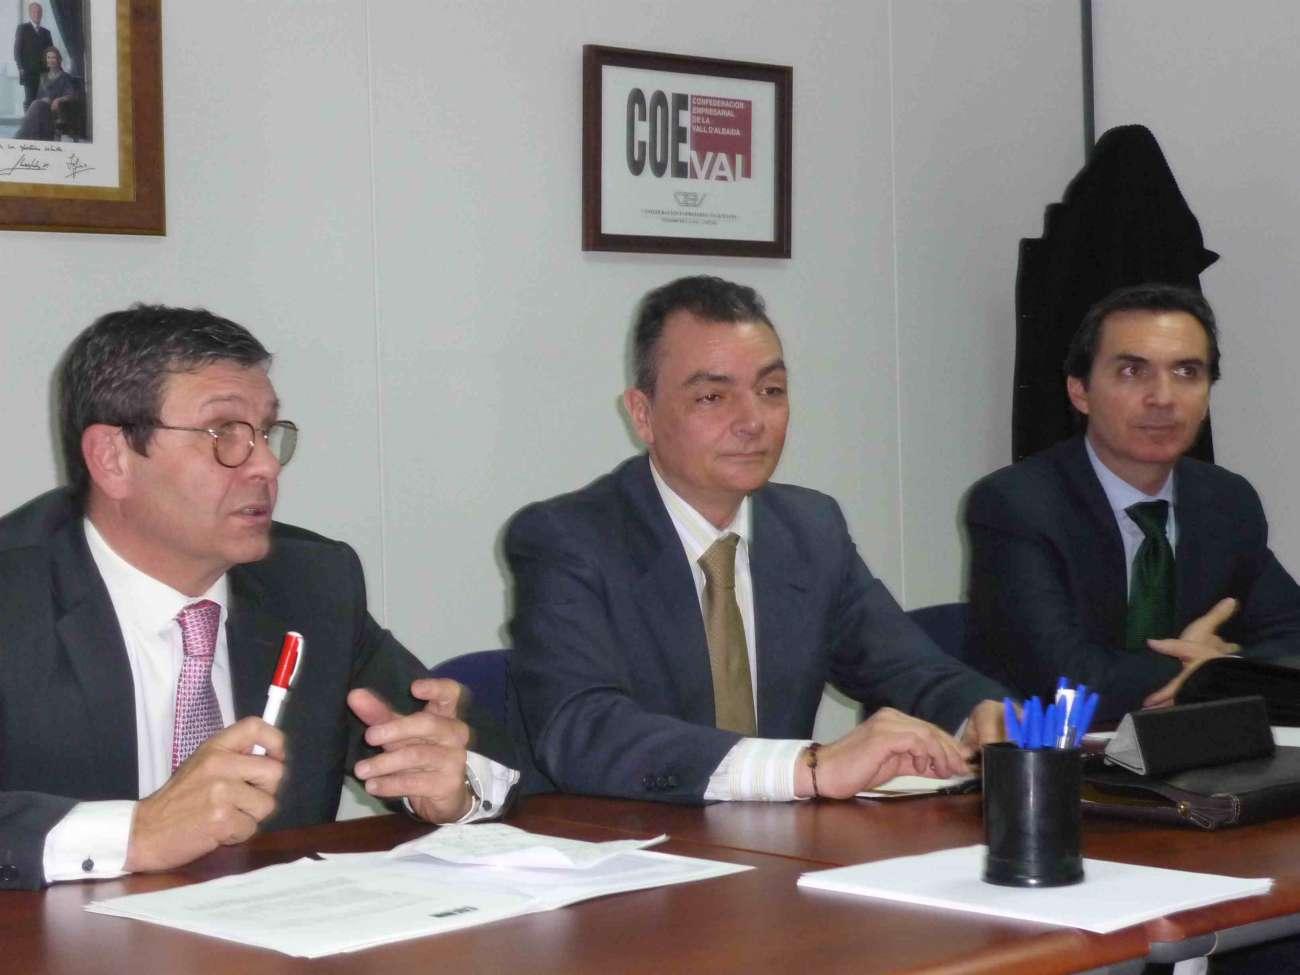 El presidente de la Confederación Empresarial Valenciana inicia las reuniones con COEVAL